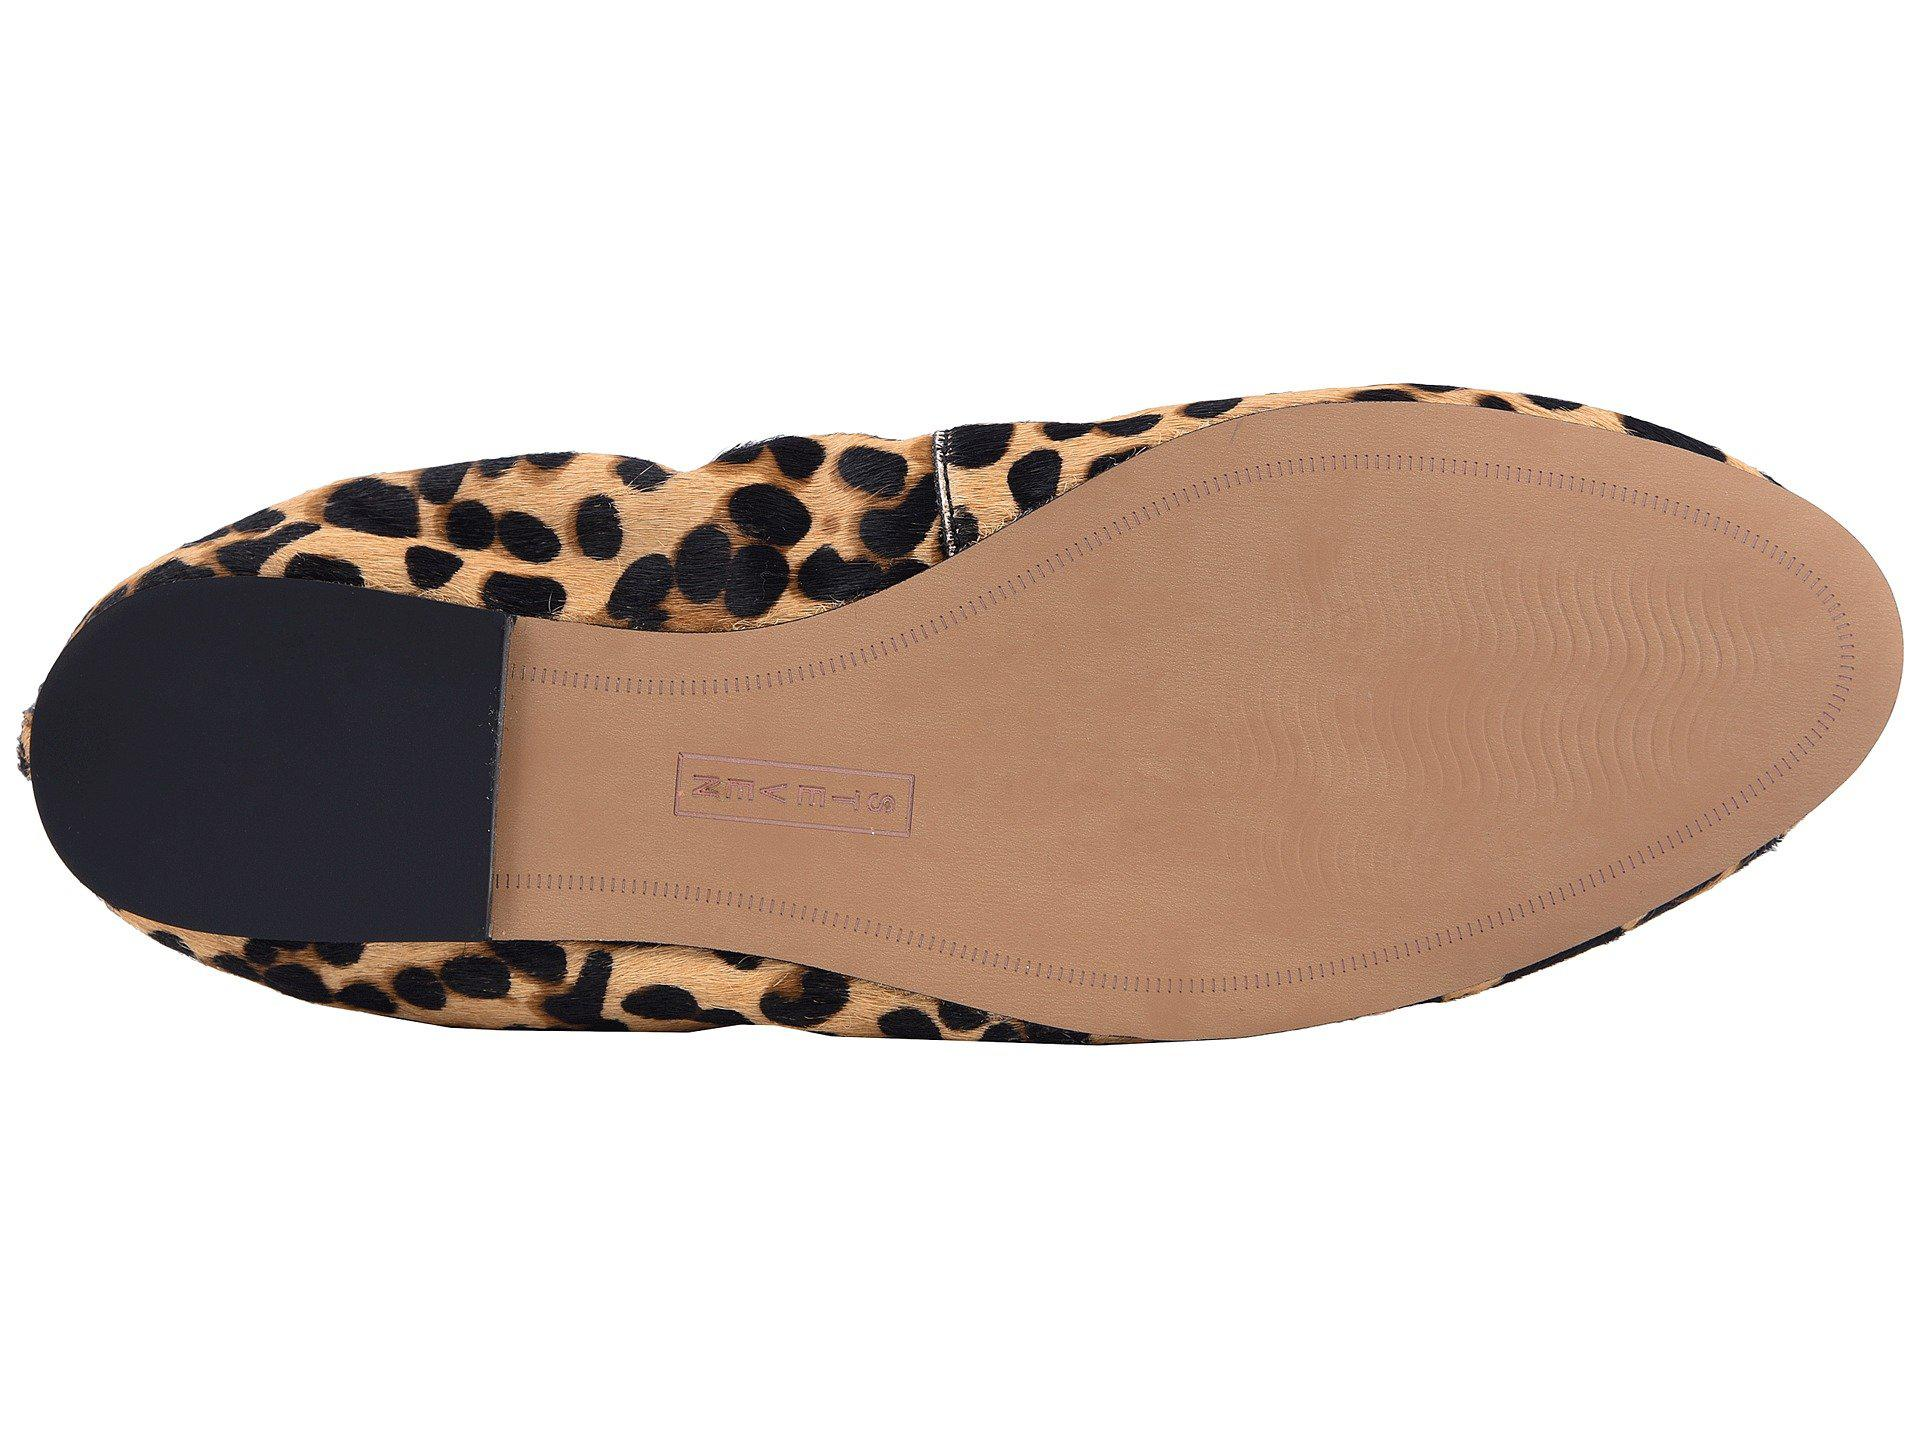 905539e90035 Steven by Steve Madden Darsha-l (leopard) Women's Flat Shoes - Lyst